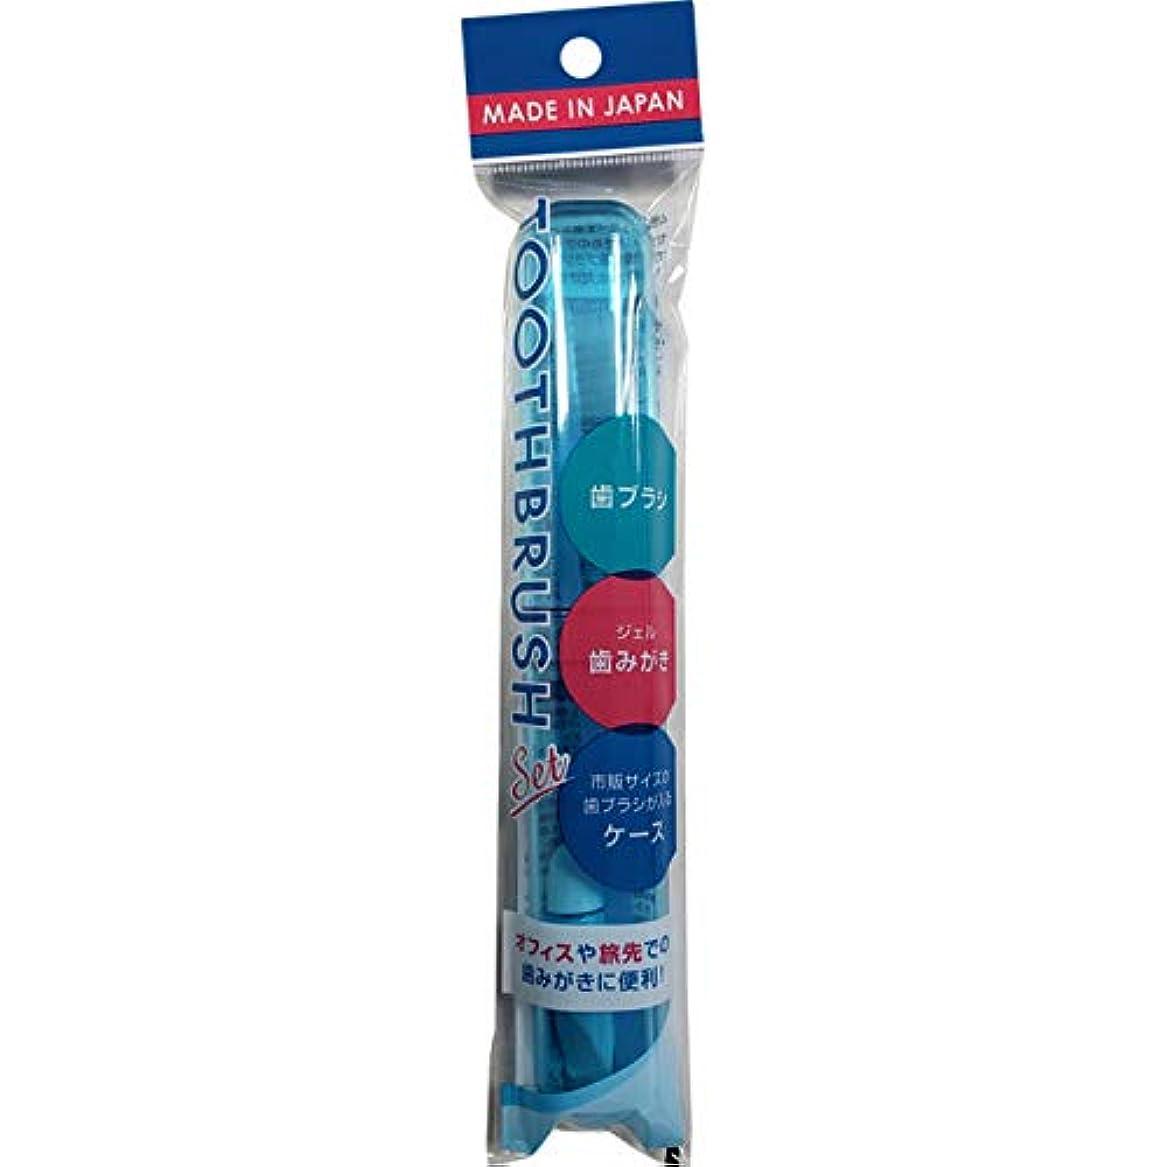 パウダーあえてヘクタール【2個セット】歯ブラシ&ジェル歯みがきケースセット